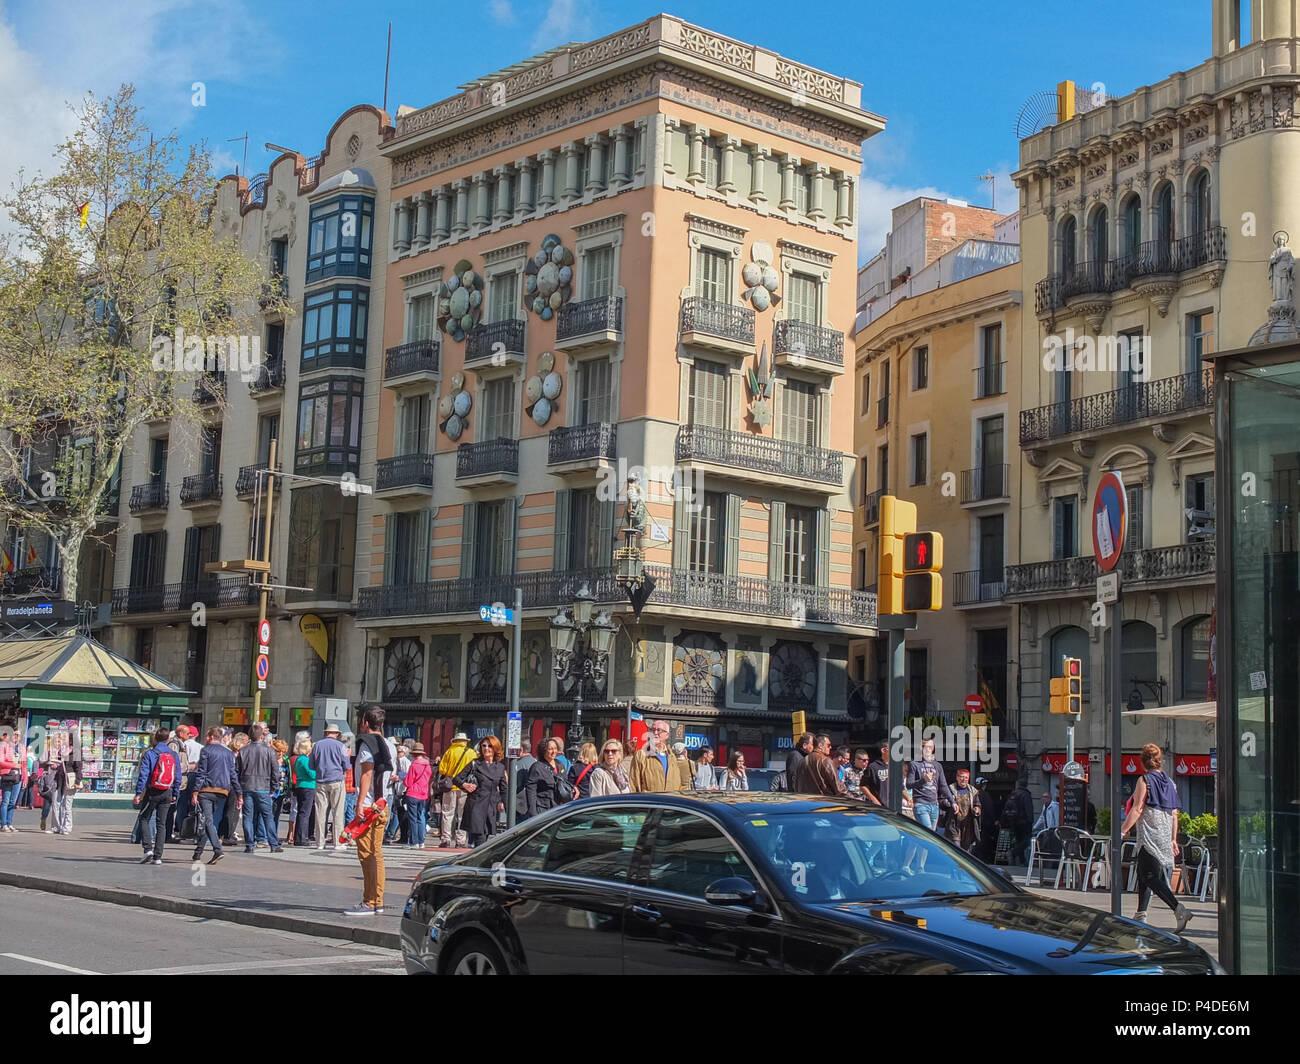 Barcellona, Spagna - 28 Marzo 2014: la gente camminare in un affollato Barcellona vicino al negozio di ombrello sulla Rambla. Foto Stock